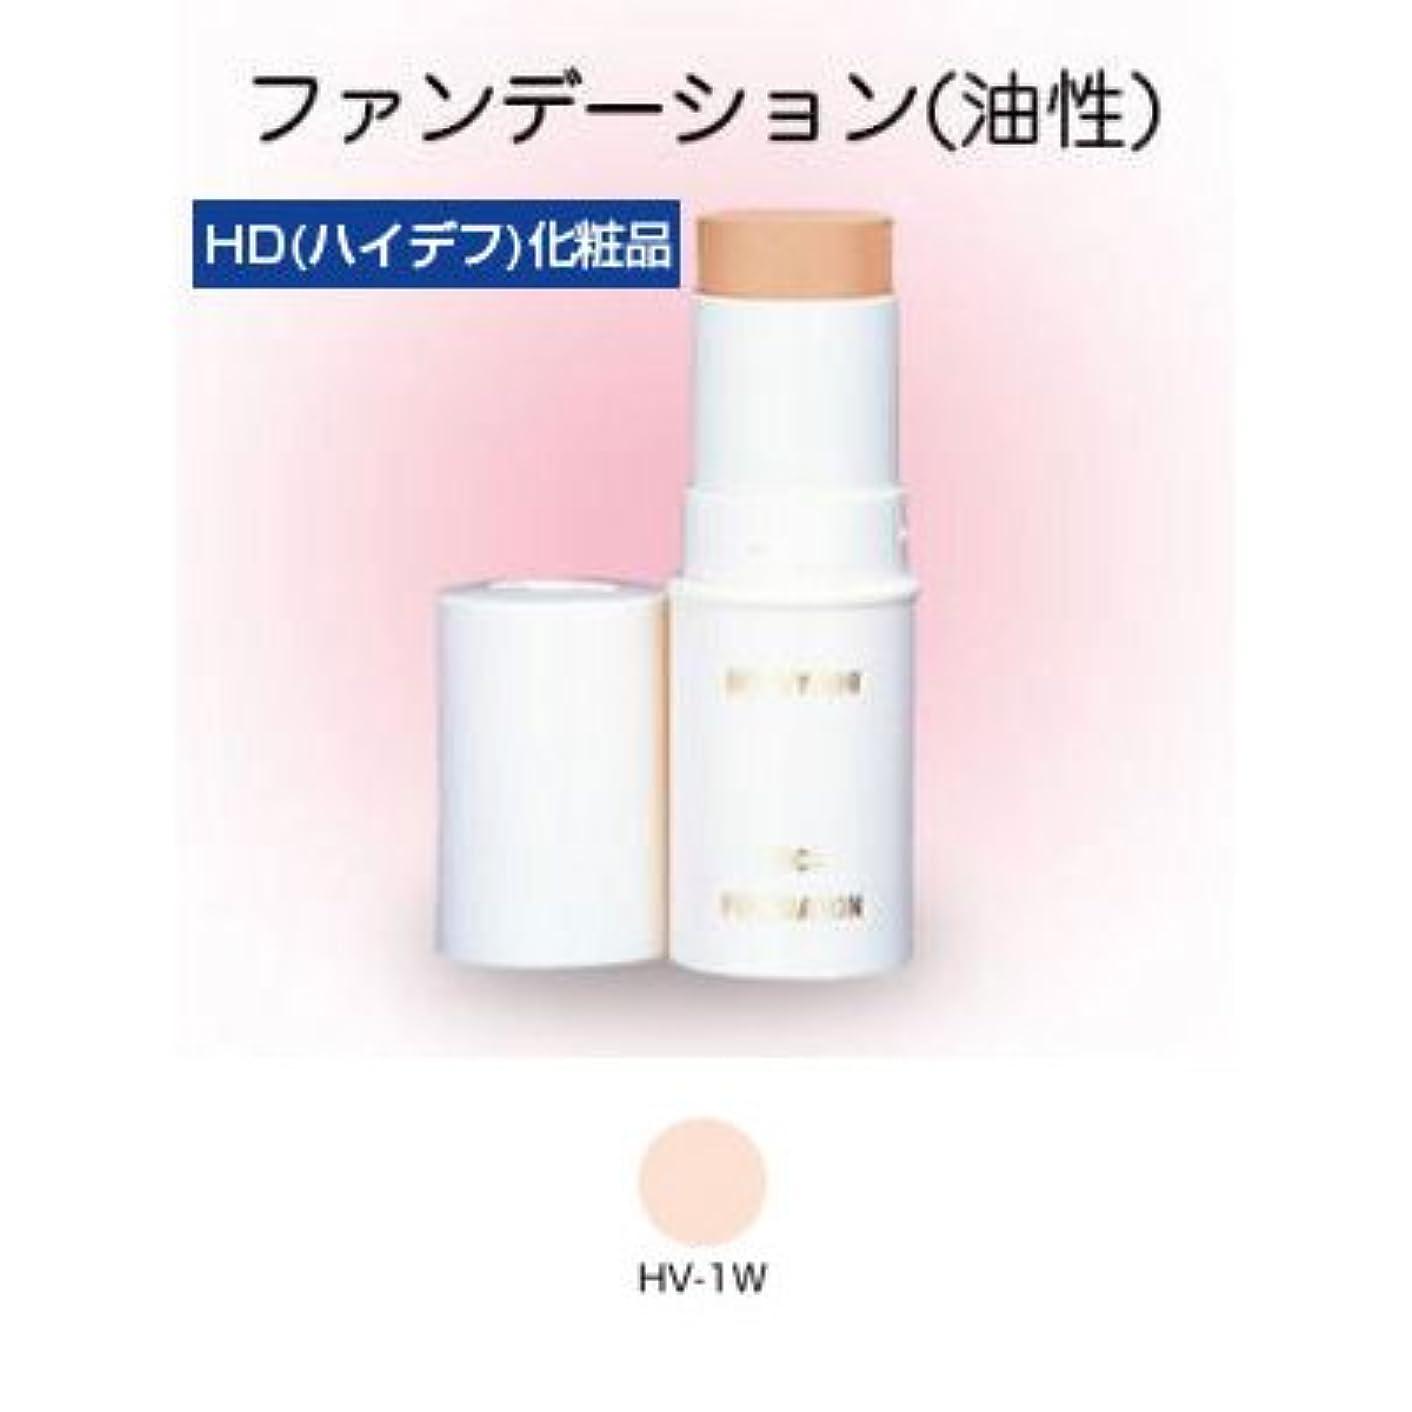 胃セーブせっかちスティックファンデーション HD化粧品 17g 1W 【三善】